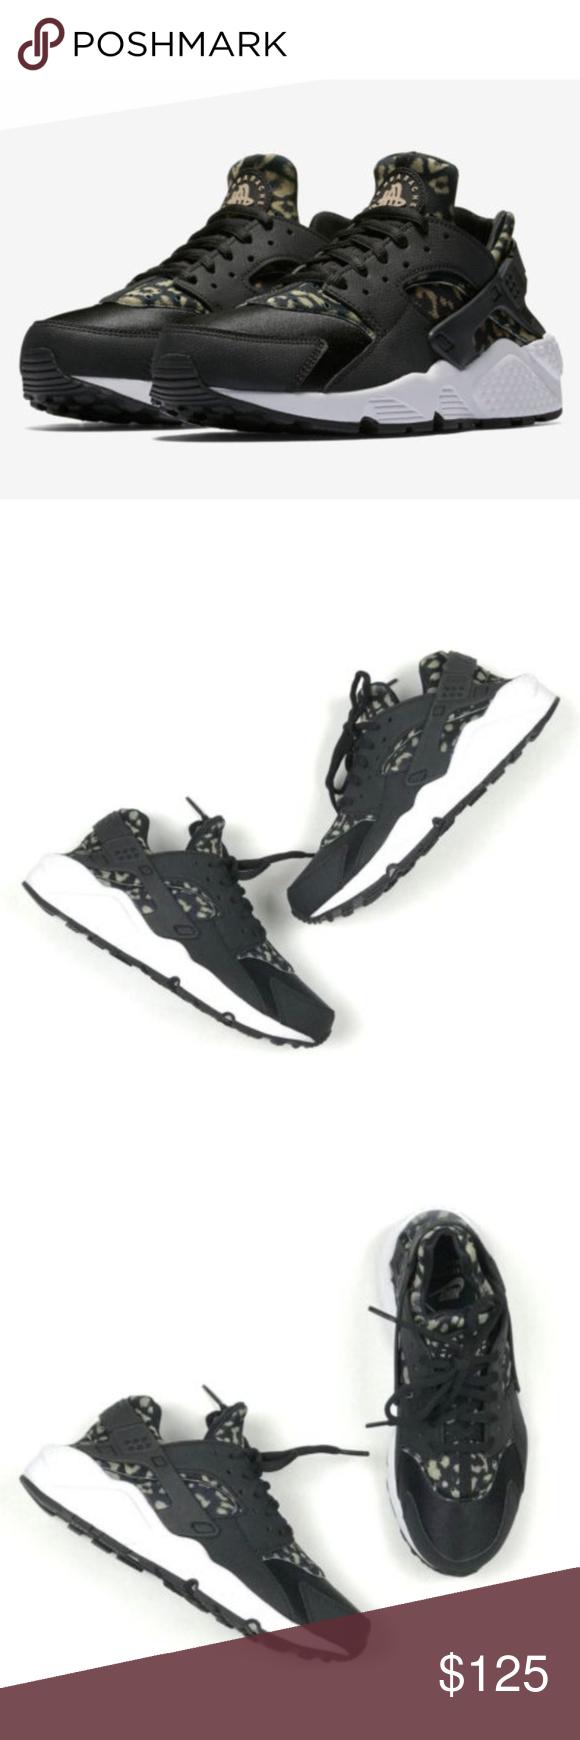 433df76a998 New Nike Air Huarache Leopard Print Sneakers NIB New Nike Air Huarache  women s 6.5 leopard print sneakers shoes. new with box Nike Shoes Sneakers